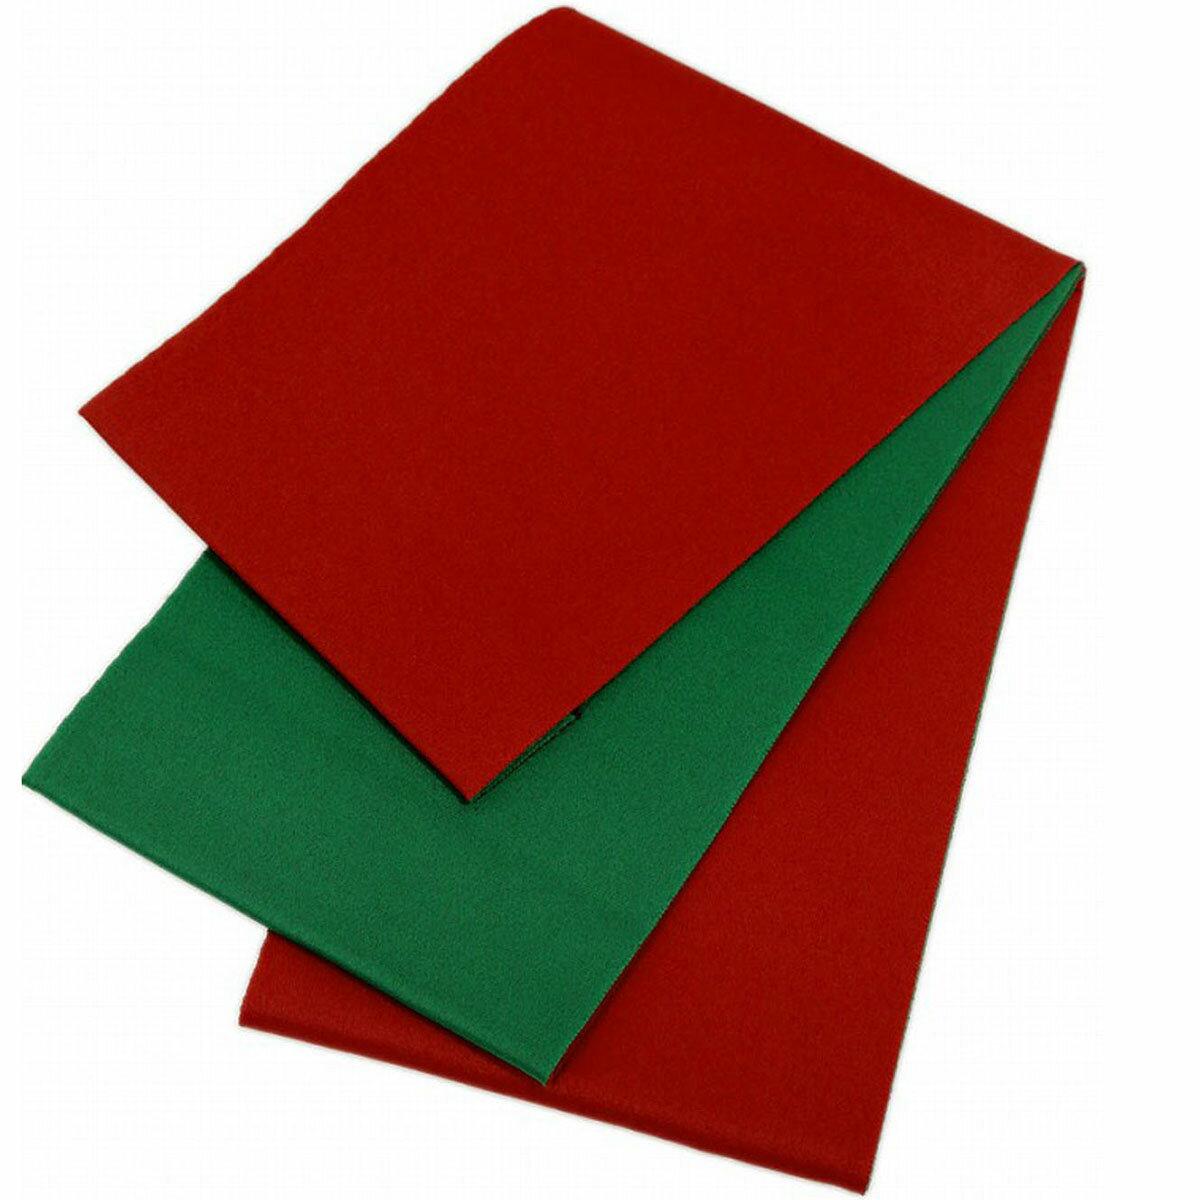 日本製 シンプル リバーシブル 浴衣帯 無地 赤×緑 長尺 超長尺